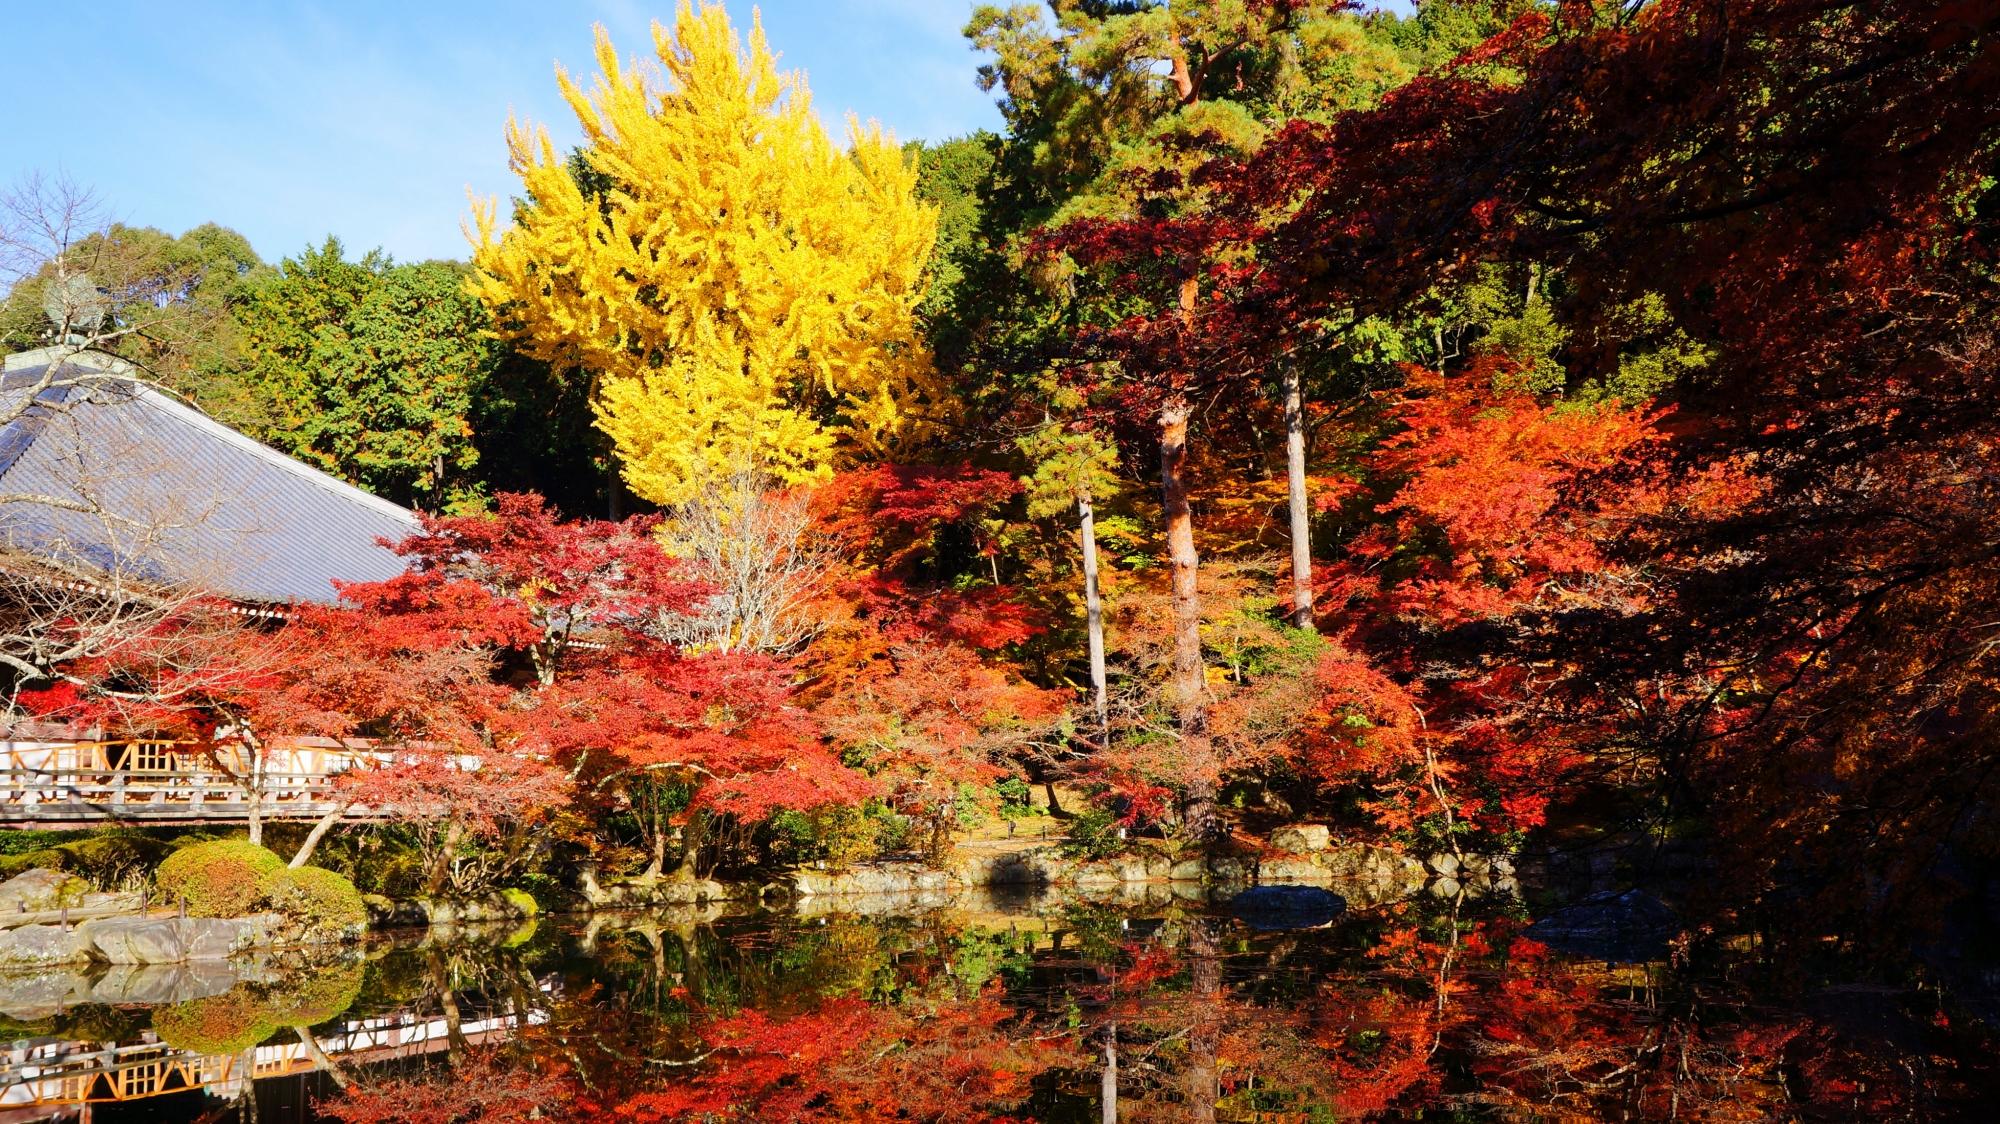 醍醐寺の観音堂と多彩な紅葉